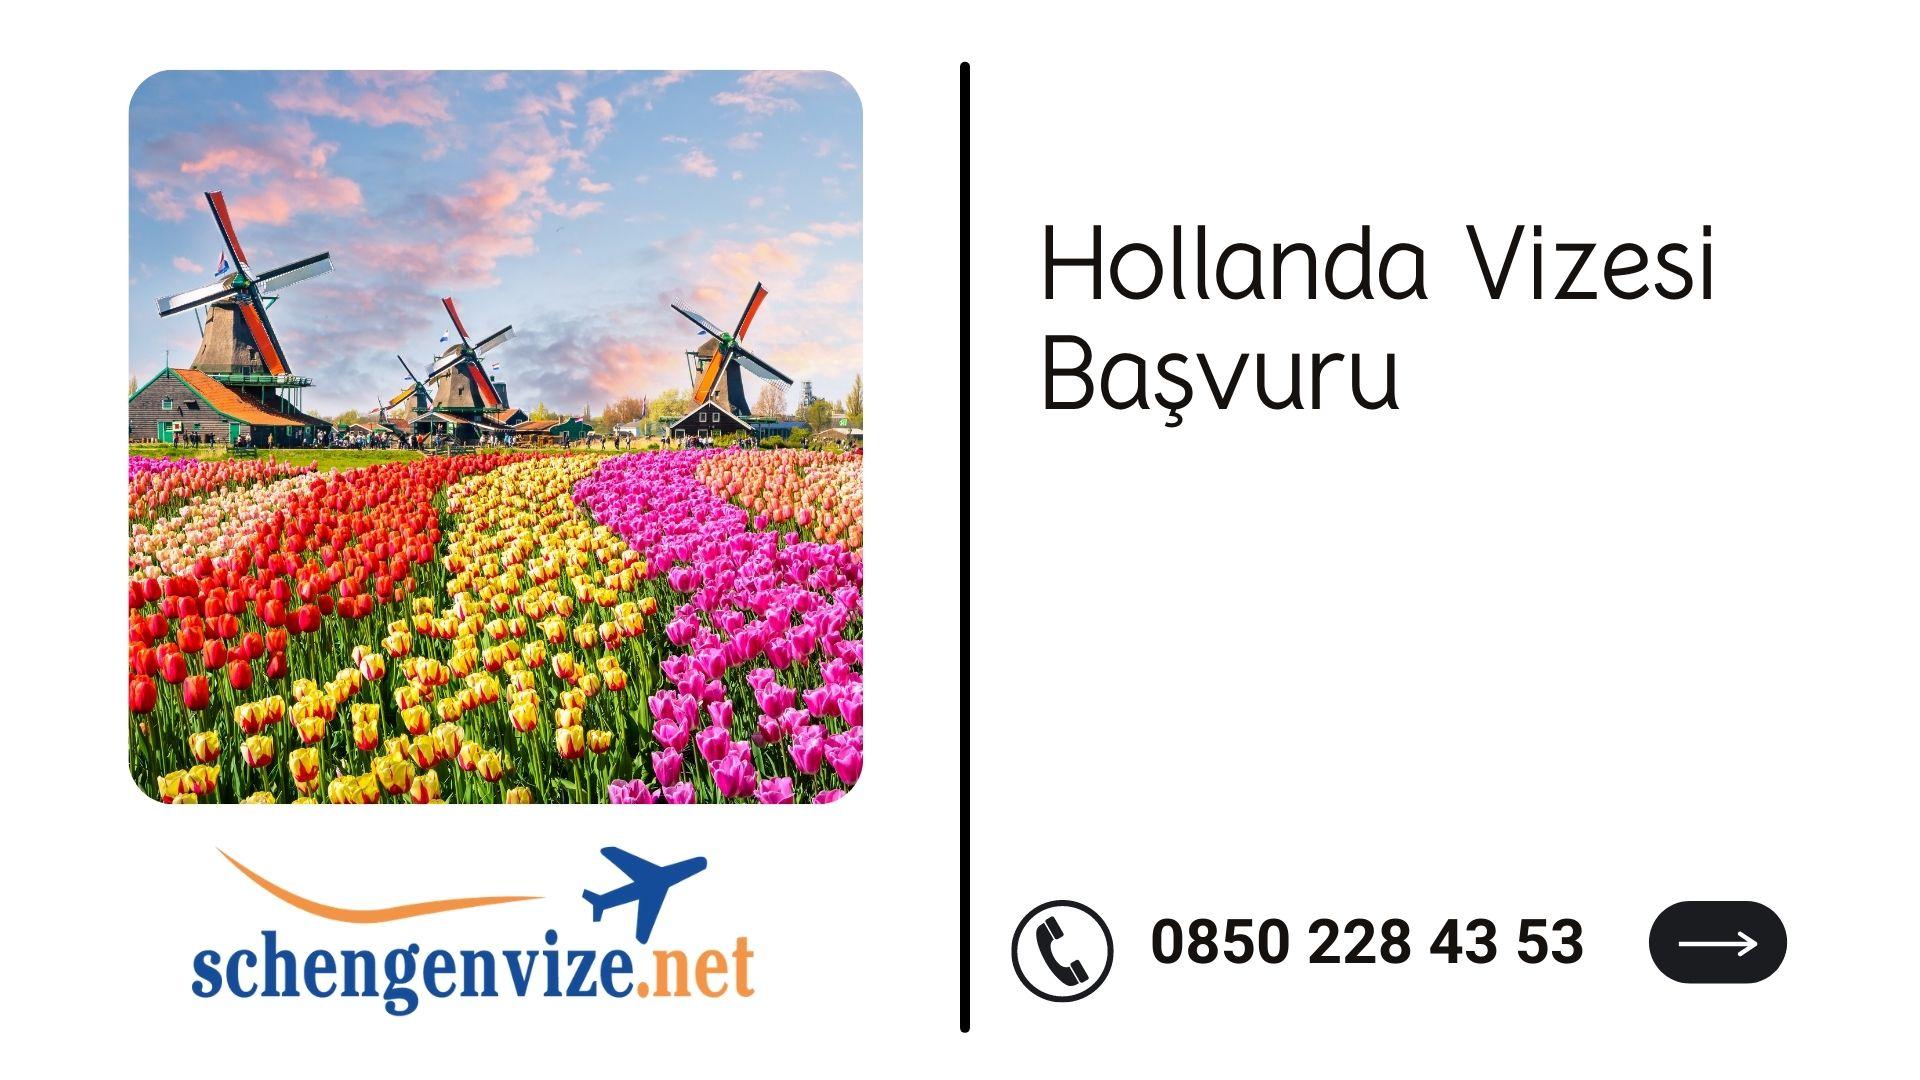 Hollanda Vizesi Başvuru